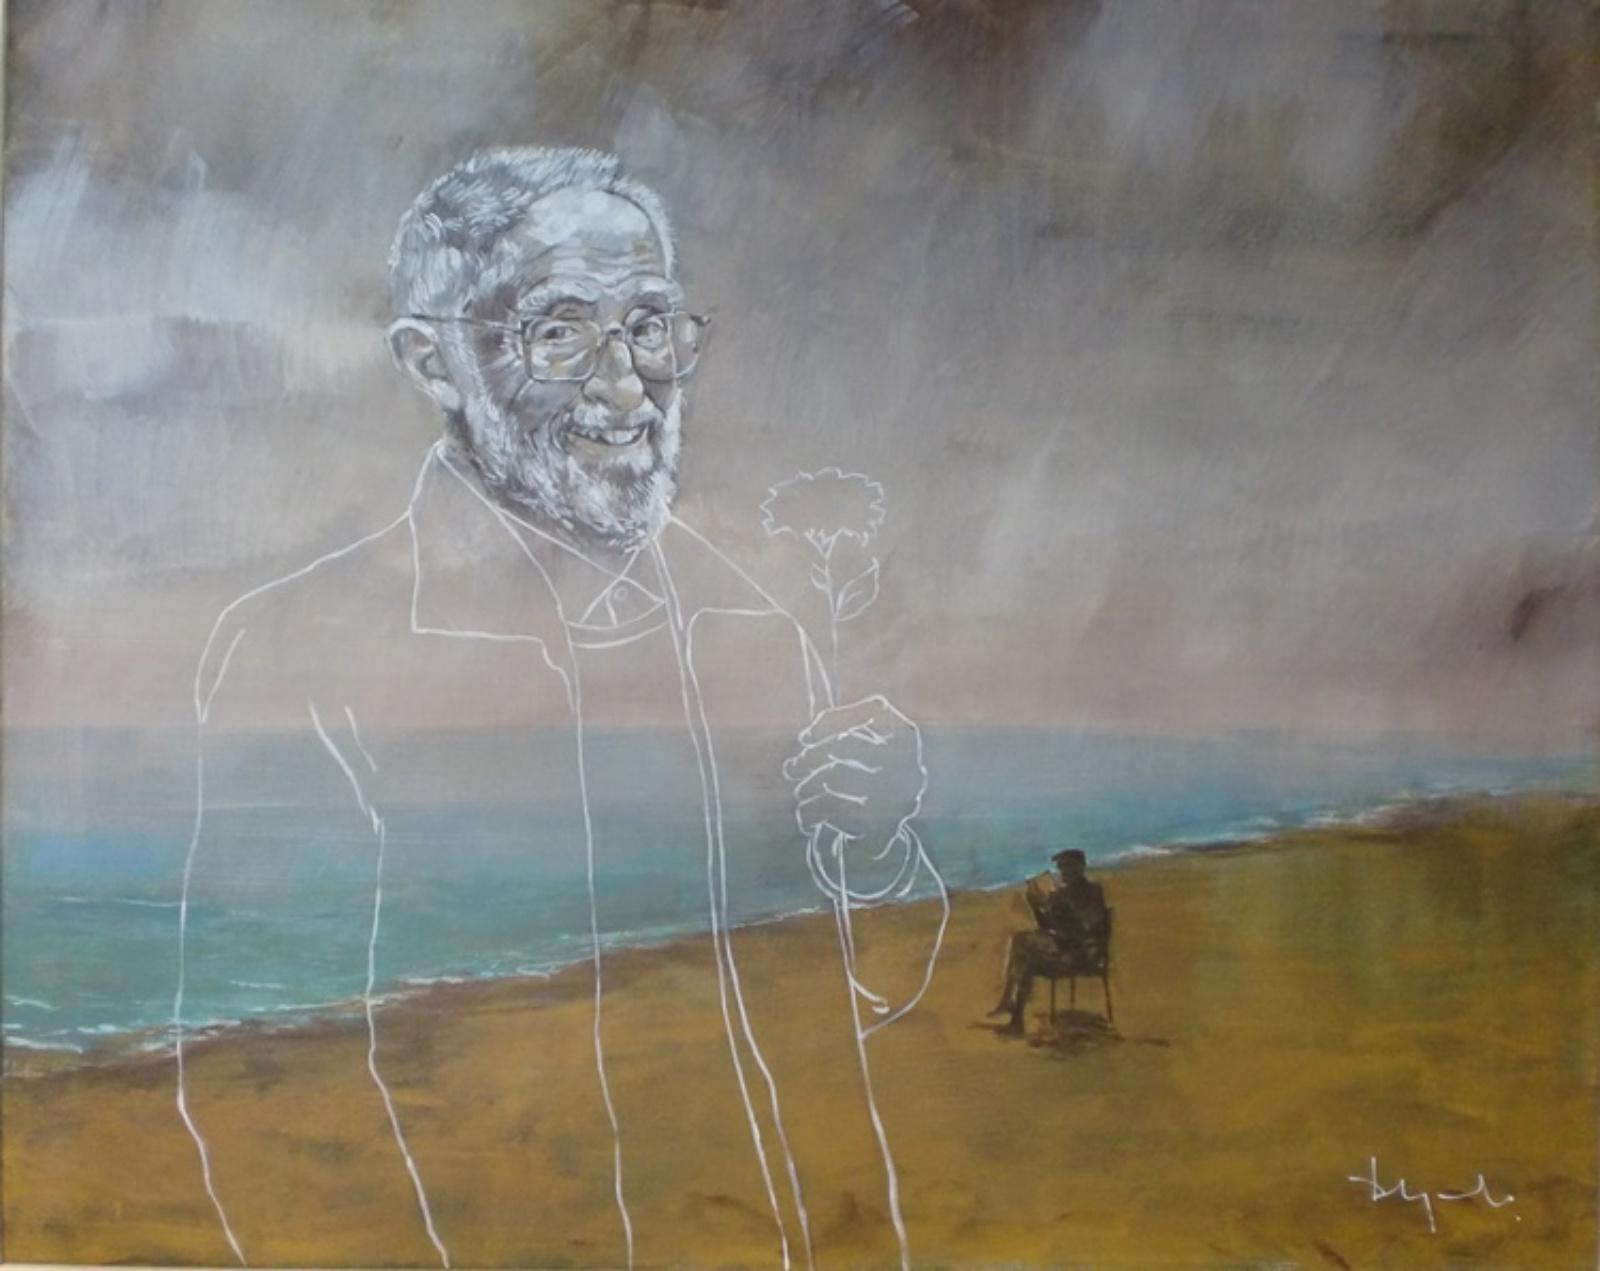 Exposición en homenaje a jose Luis Sampedro. El mundo de las ideas es eterno, tan solo un gesto hará que aflore un pensamiento.